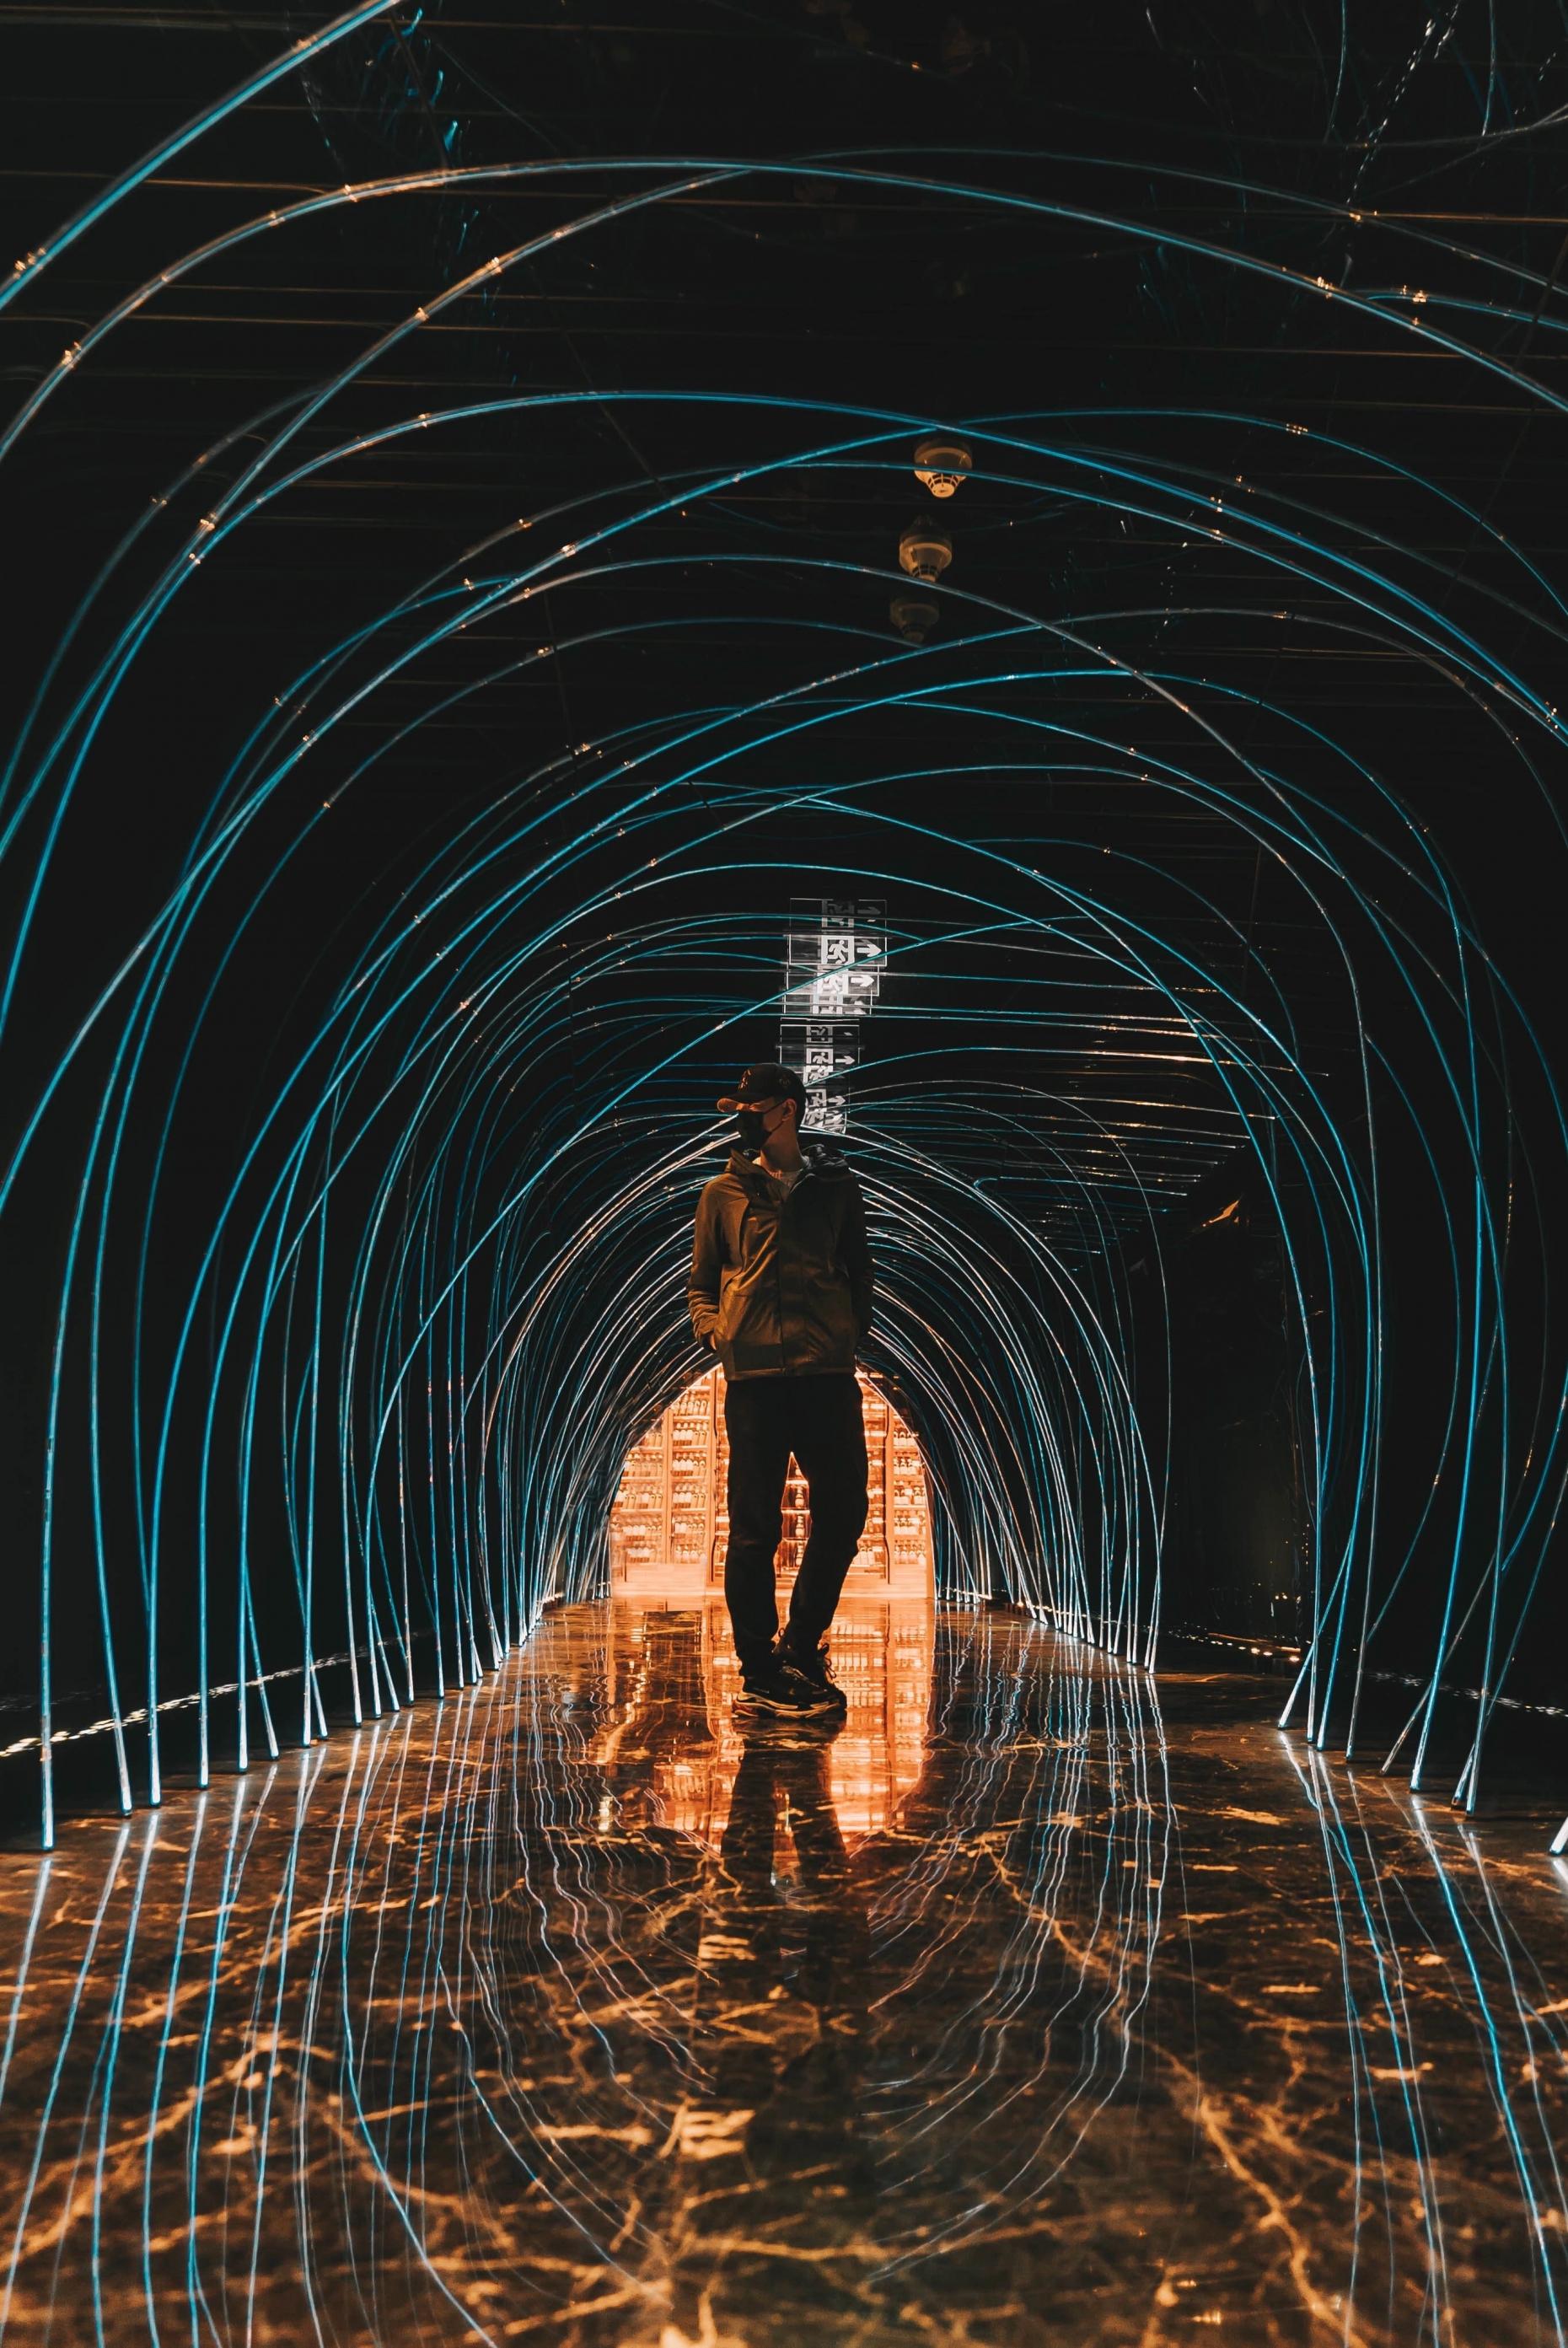 photo d'un homme qui est positionné devant une oeuvre d'art digitale